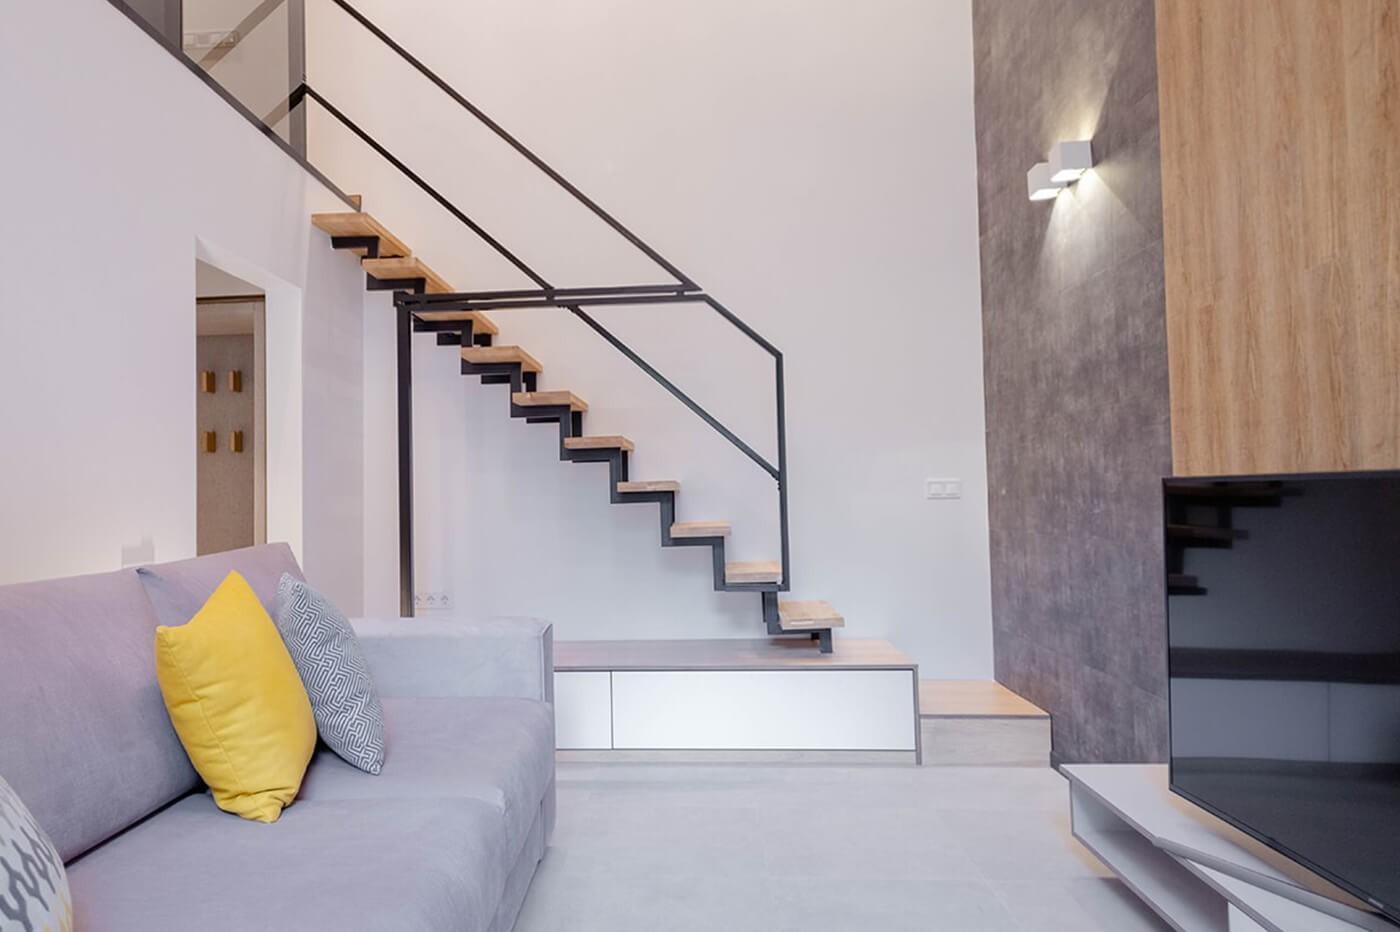 Апартаменти Класик з балконом - Duke Apartments. Оренда подобово. Без агентських комісій.